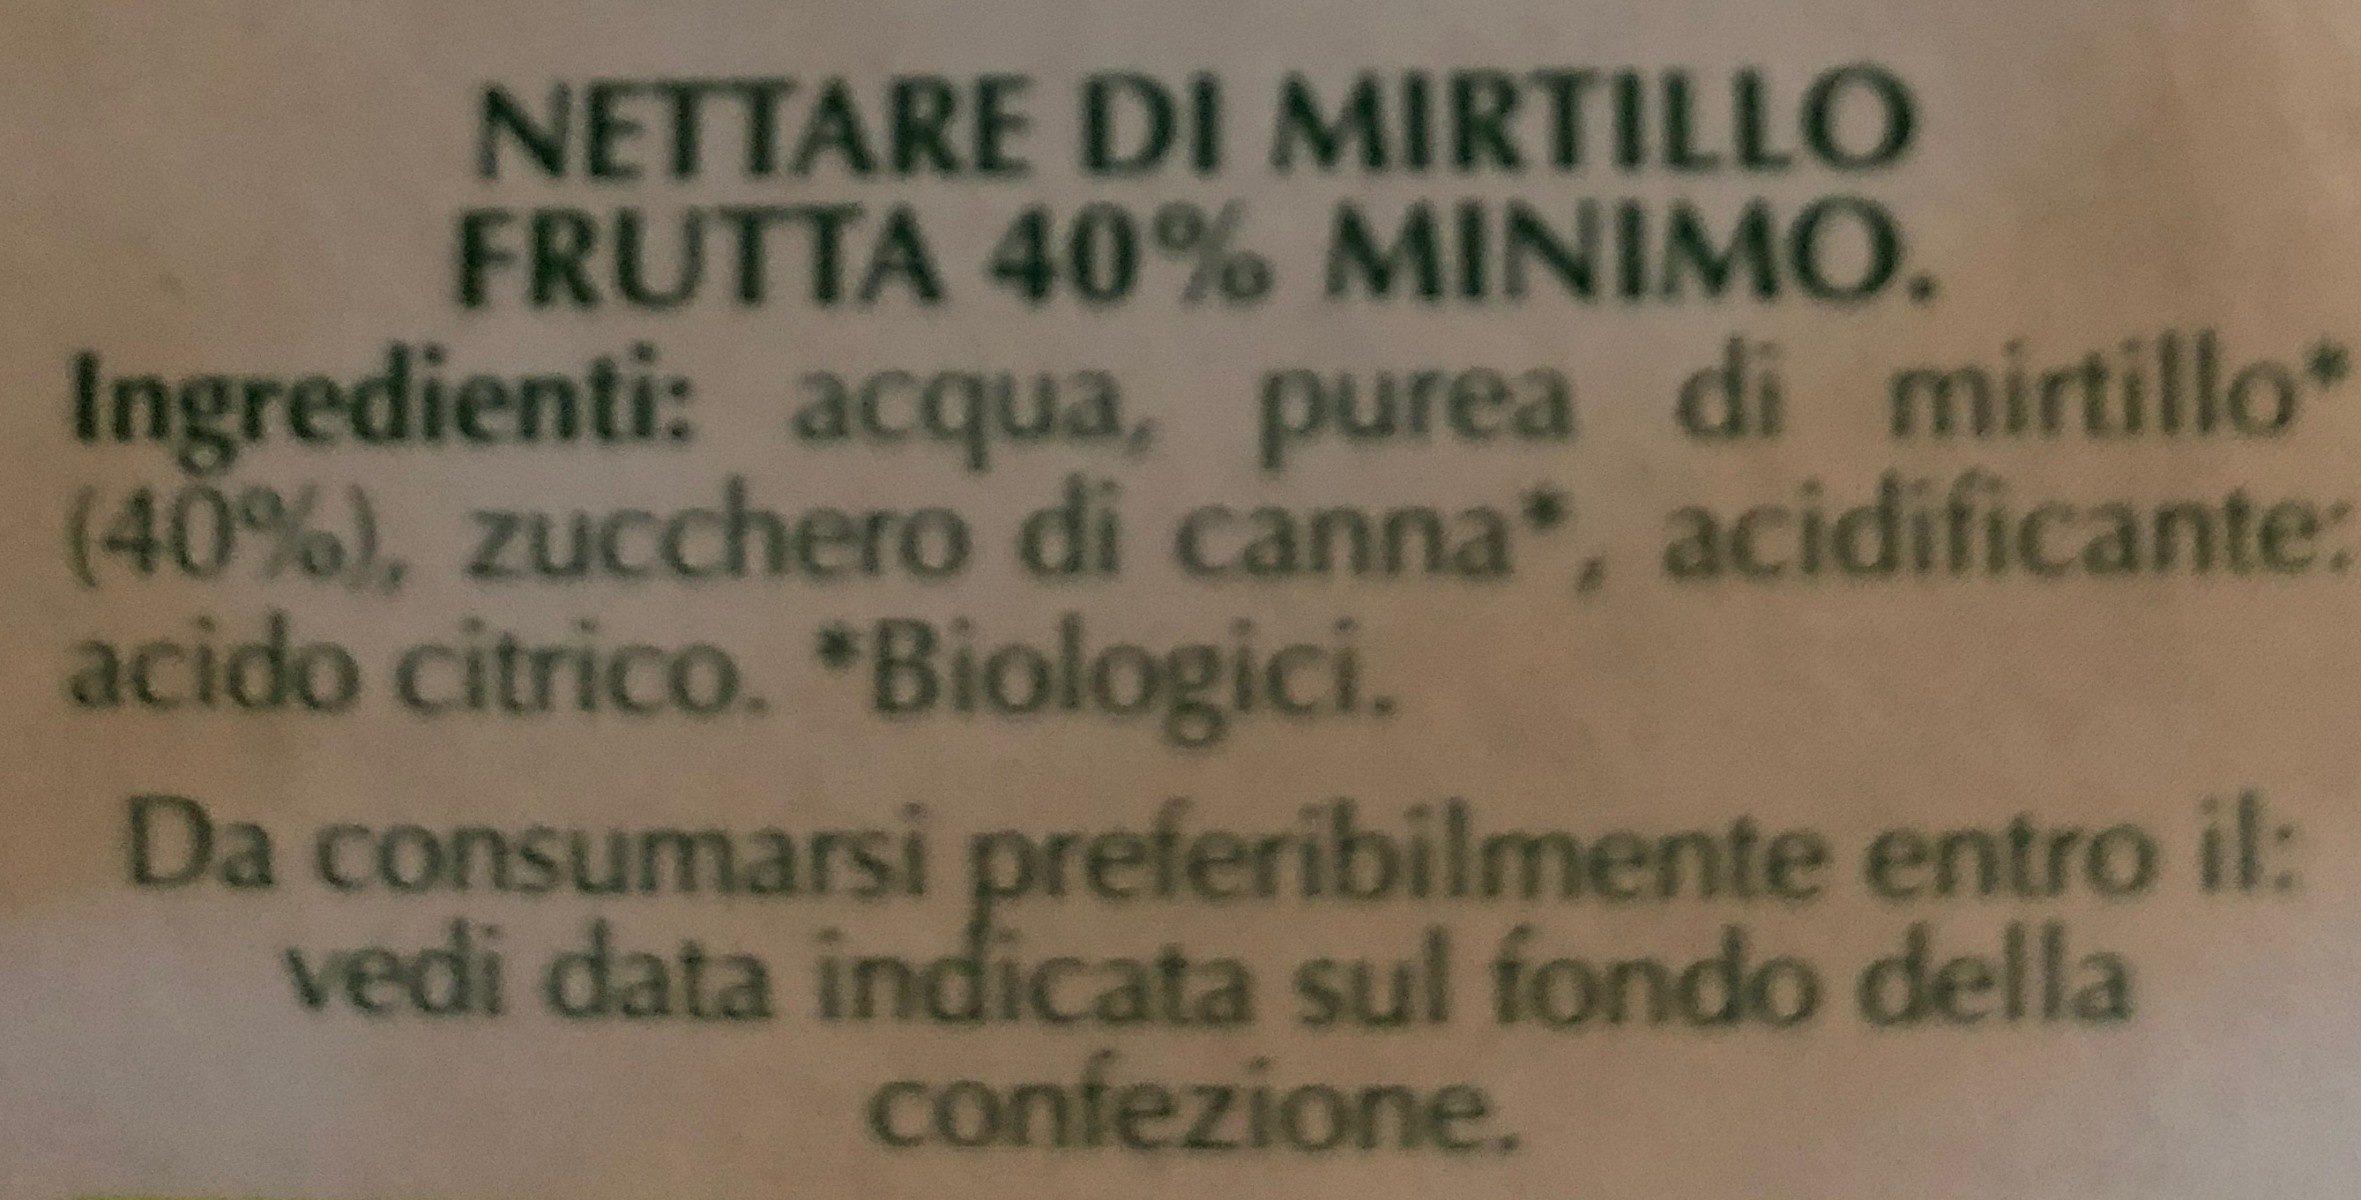 Nettare di mirtillo - Ingredients - it